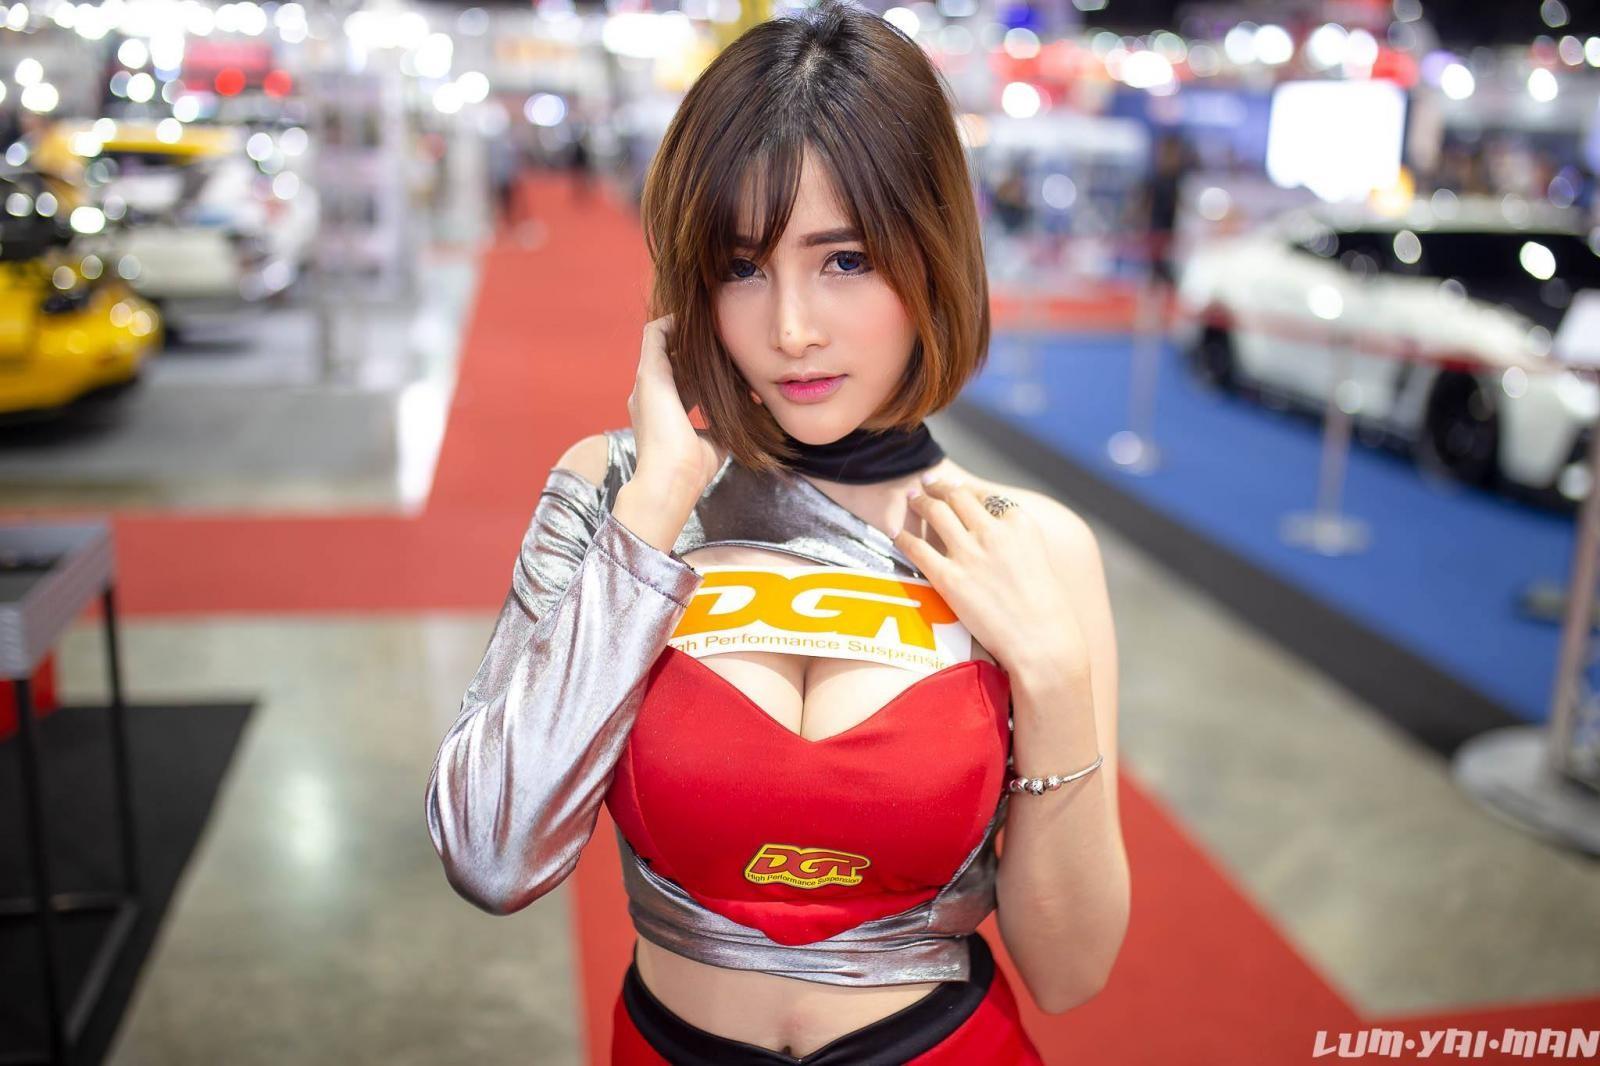 Ngắm người mẫu Thái Lan vừa dễ thương lại vừa gợi cảm ở Auto Salon 2018 - 18